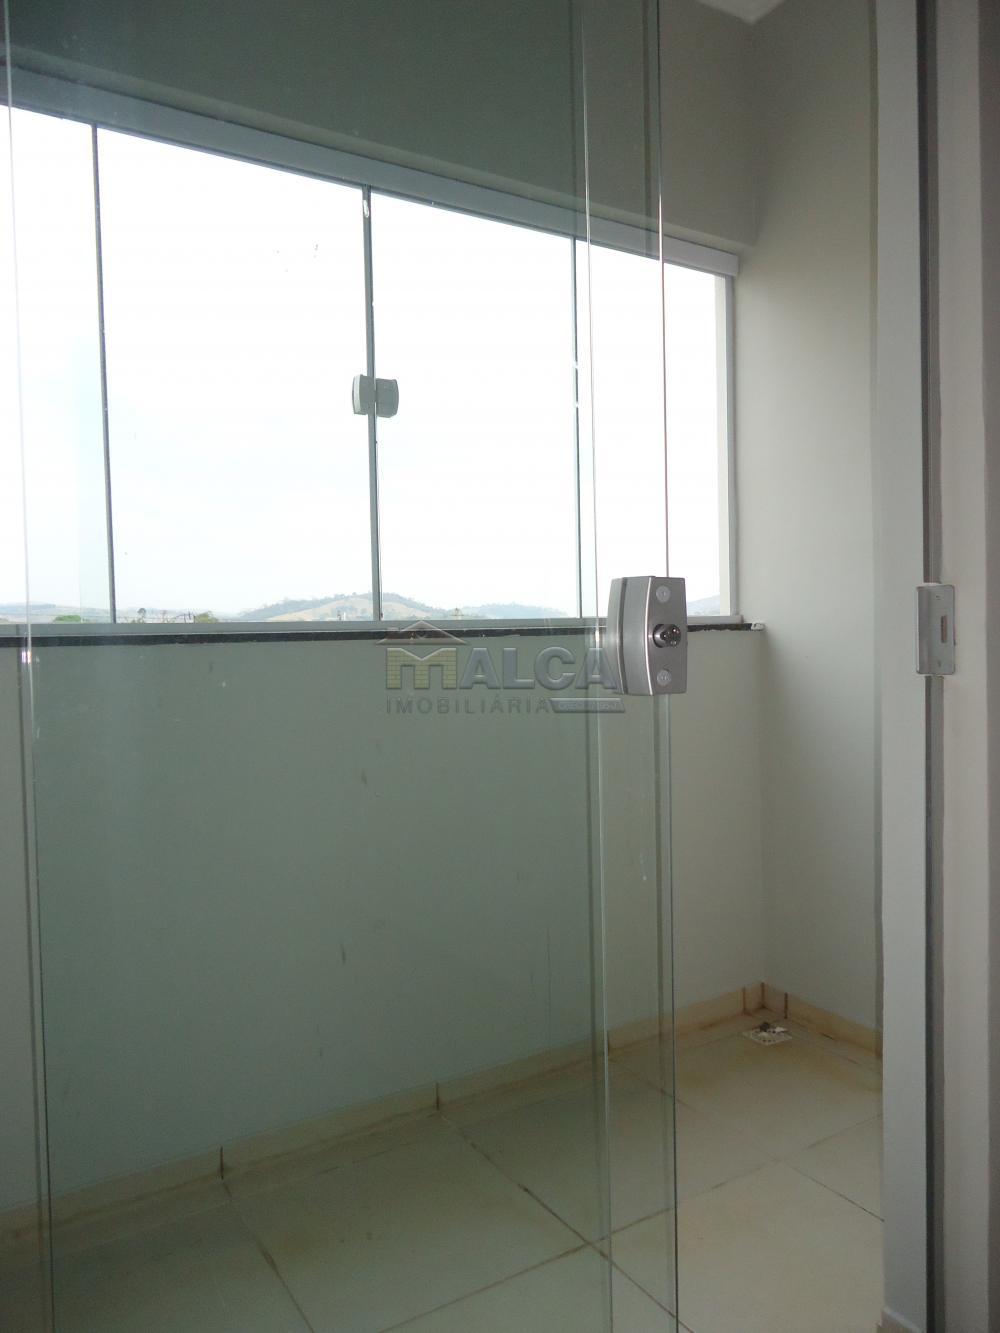 Alugar Apartamentos / Padrão em São José do Rio Pardo R$ 850,00 - Foto 10